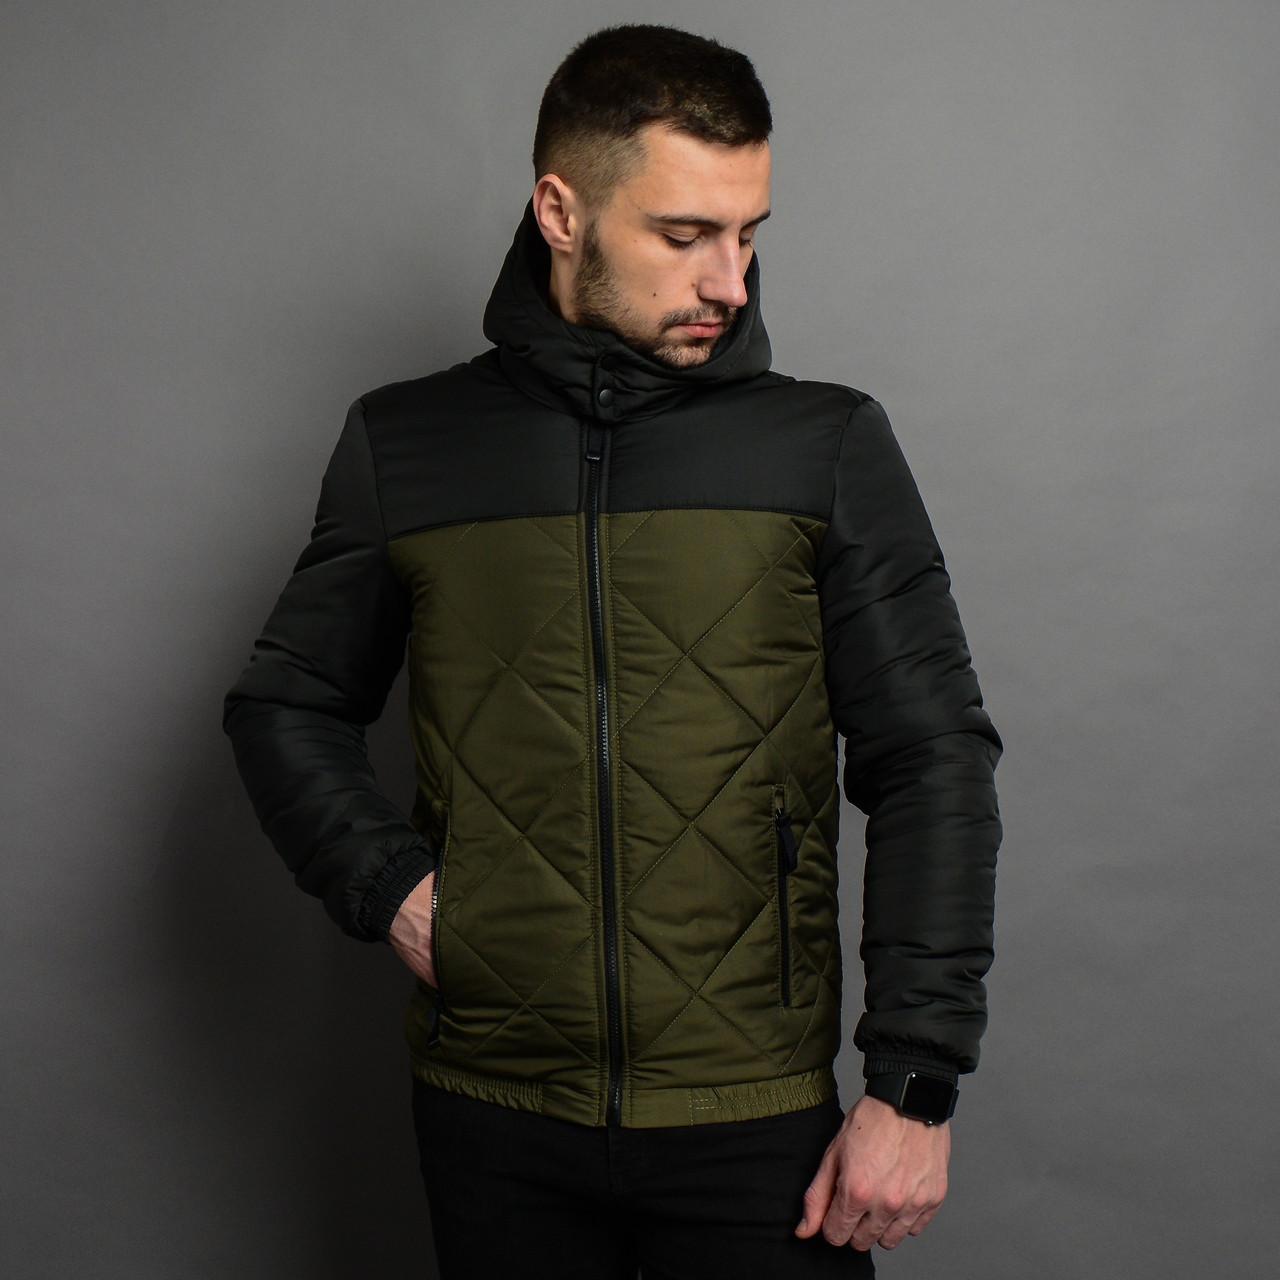 Демисезонная мужская  куртка со съемным капюшоном